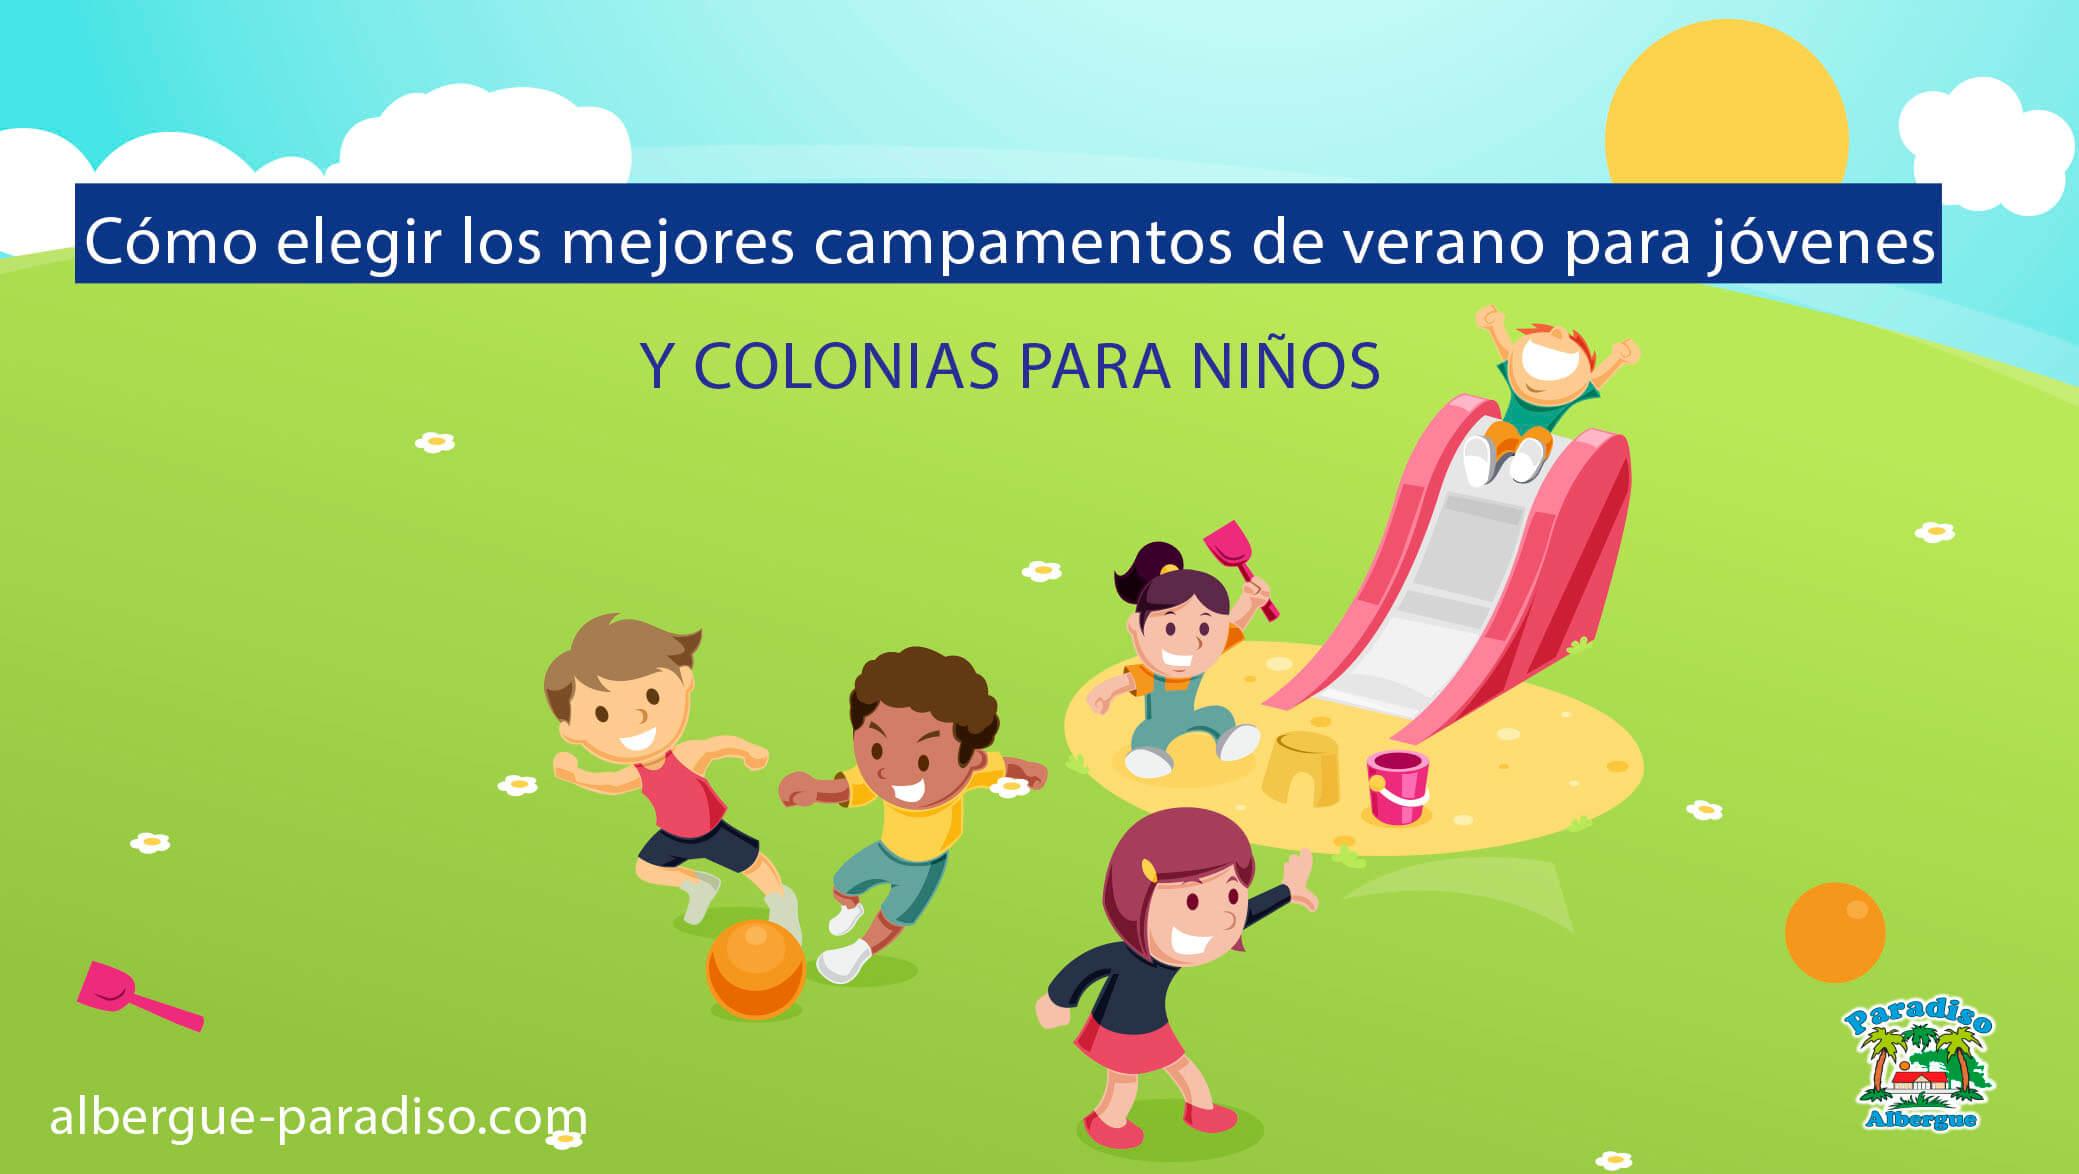 Cómo elegir campamentos de verano para jóvenes y colonias para niños